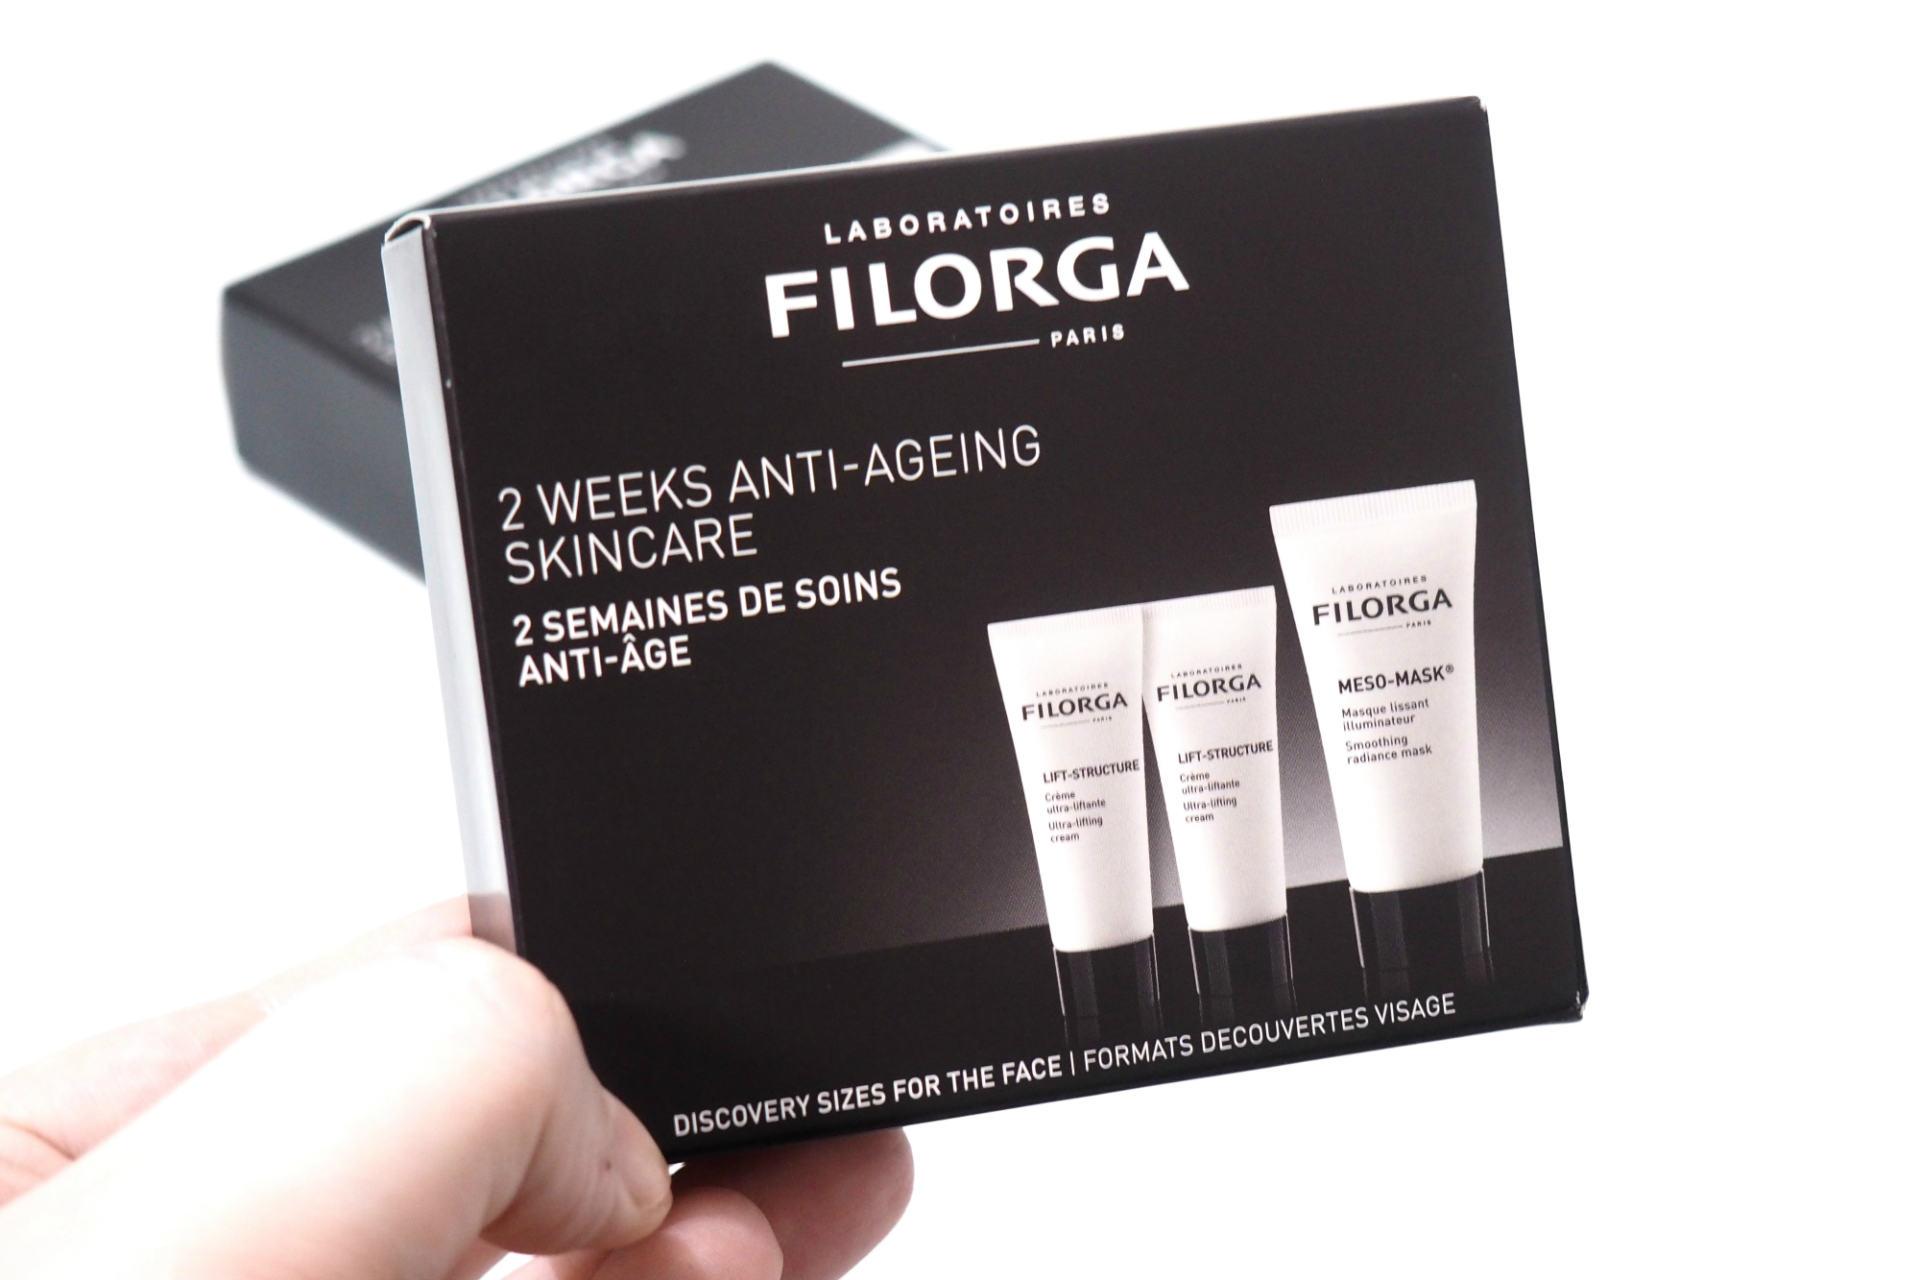 Filorga 2 Weeks Anti-Ageing Skincare